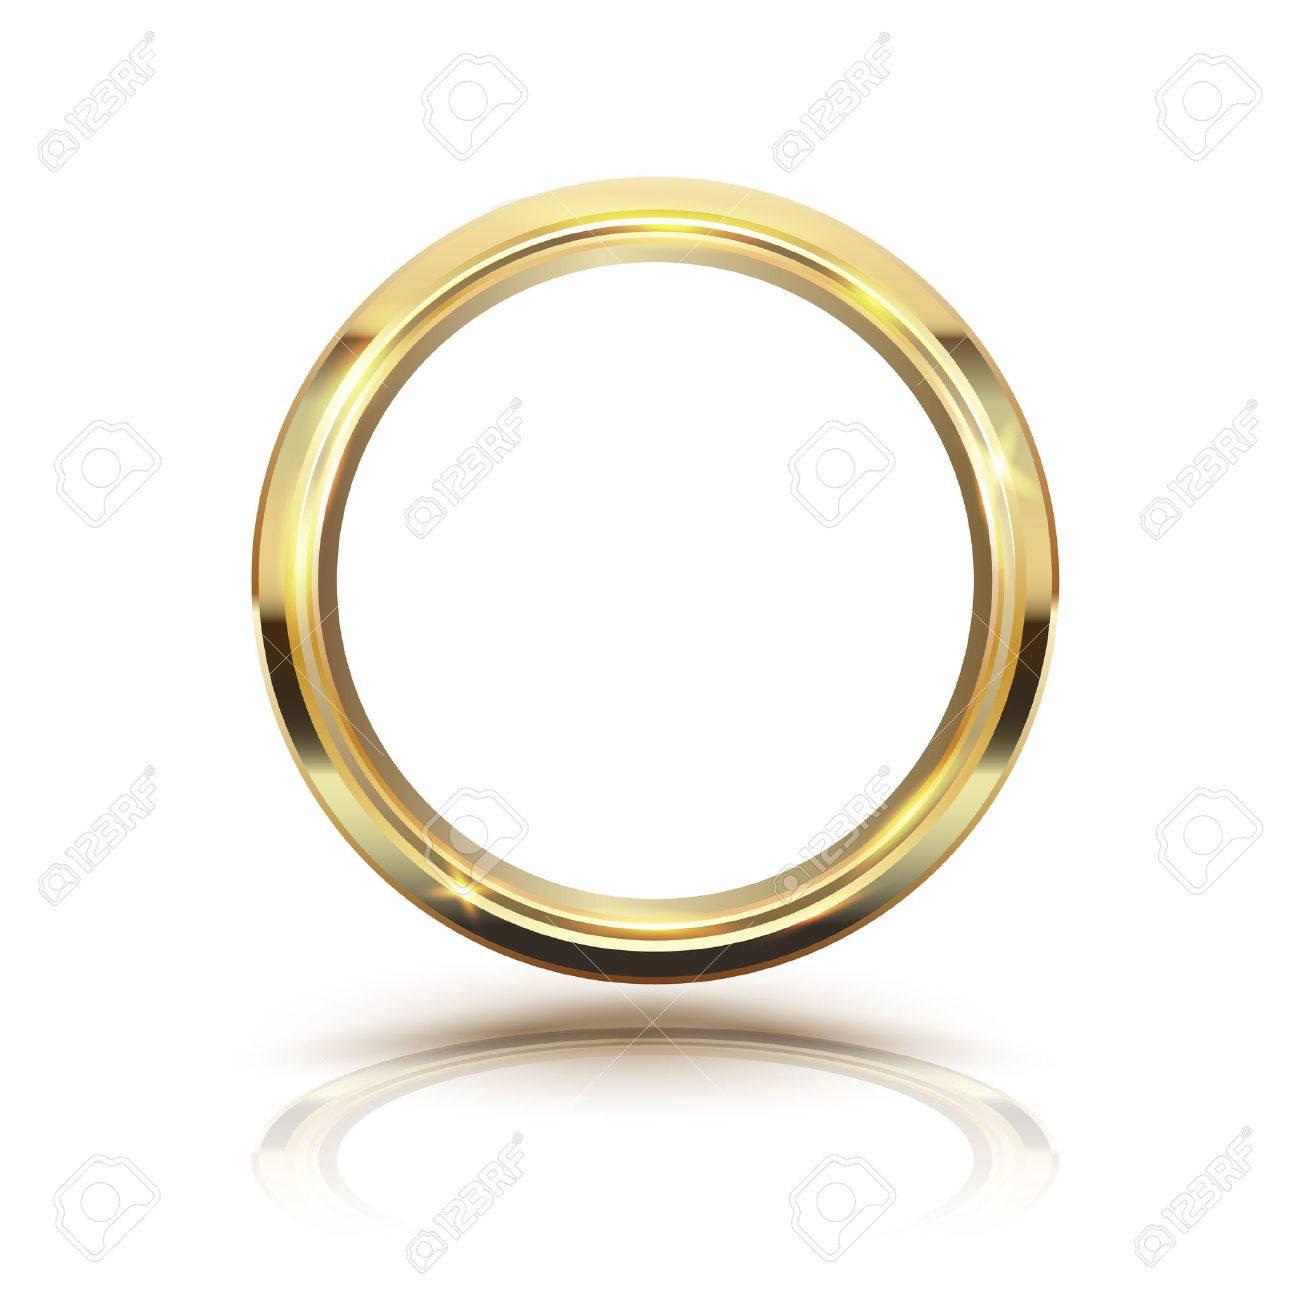 Gold circle isolate on white background. illustration. - 60634117